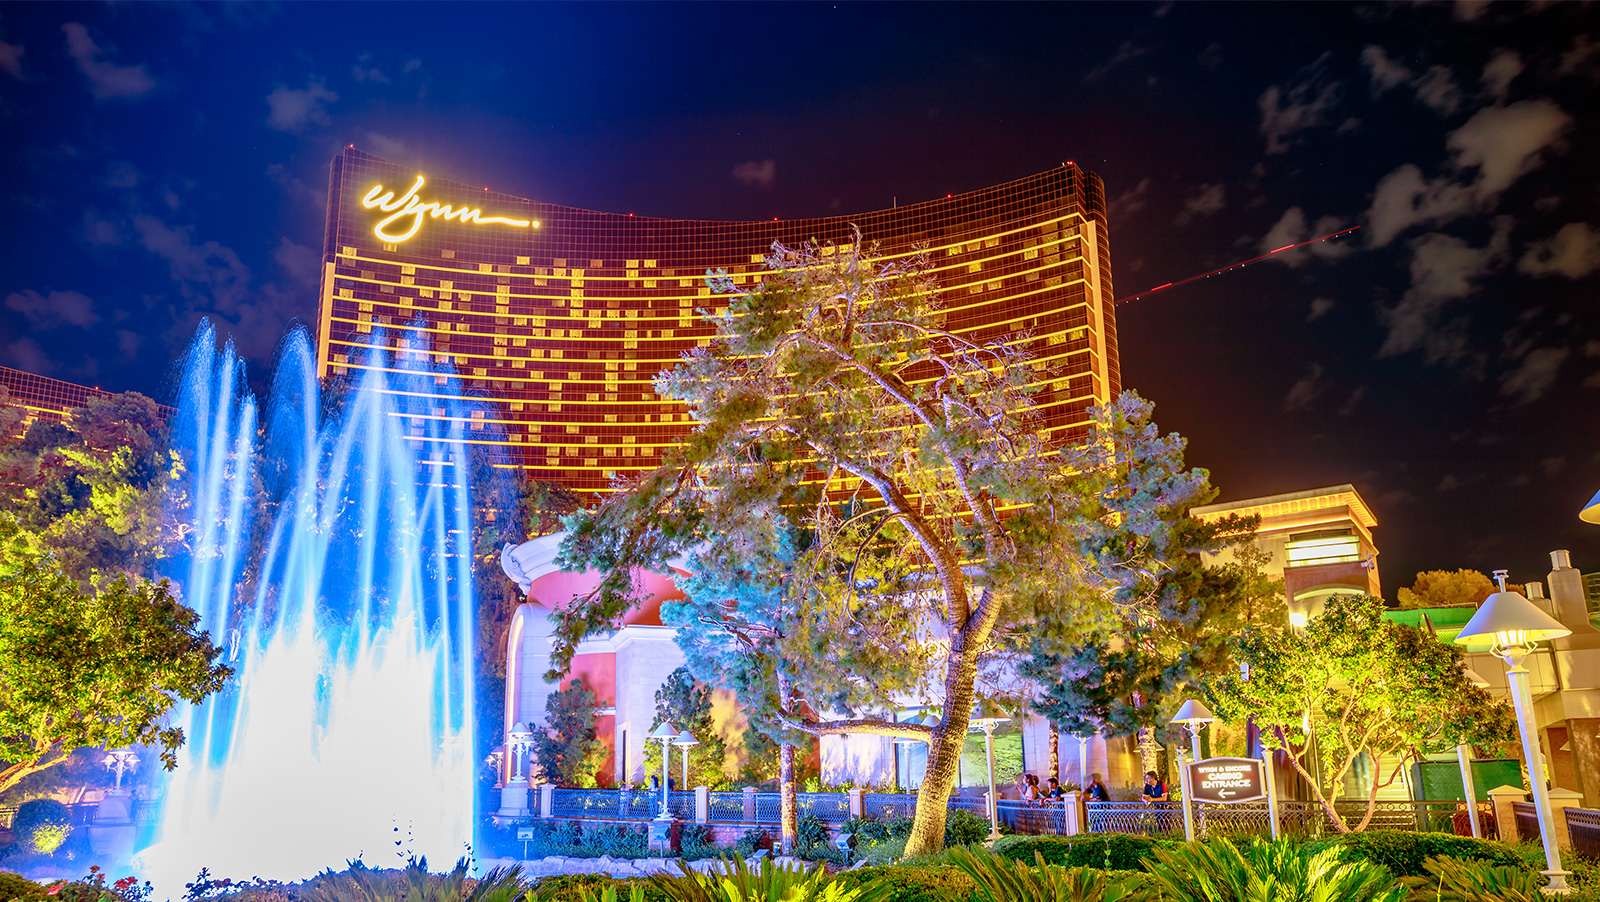 Union Gaming lowers Wynn on Macau ops